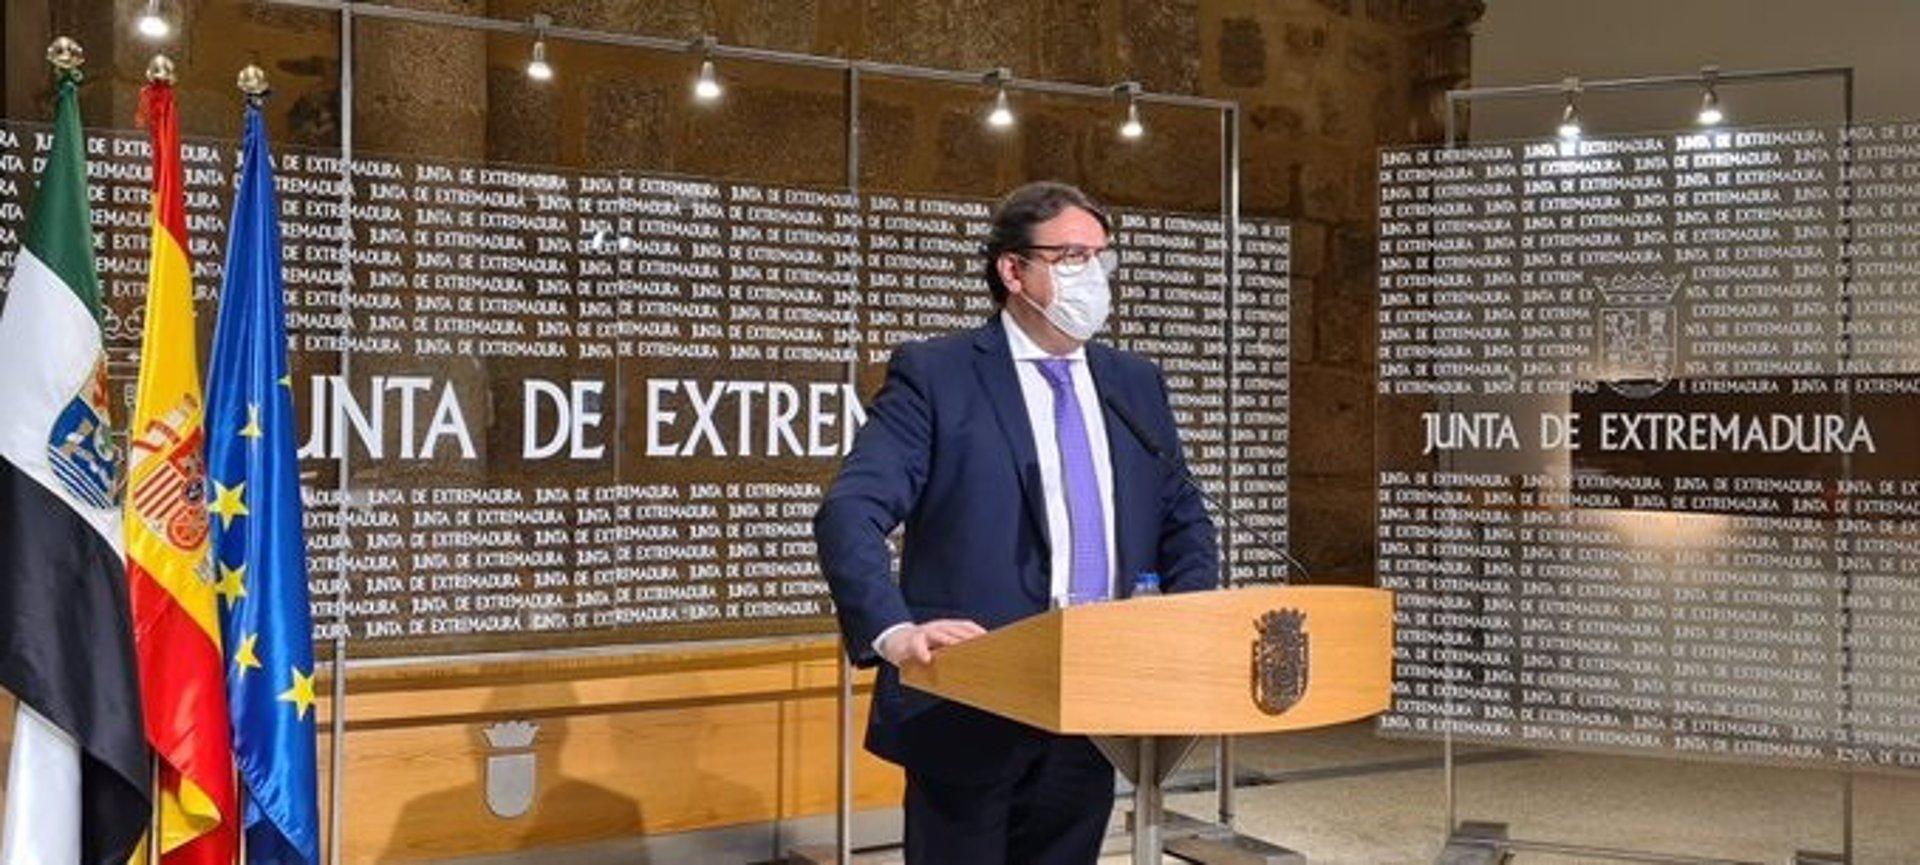 Extremadura limita las reuniones a 6 personas durante 14 días